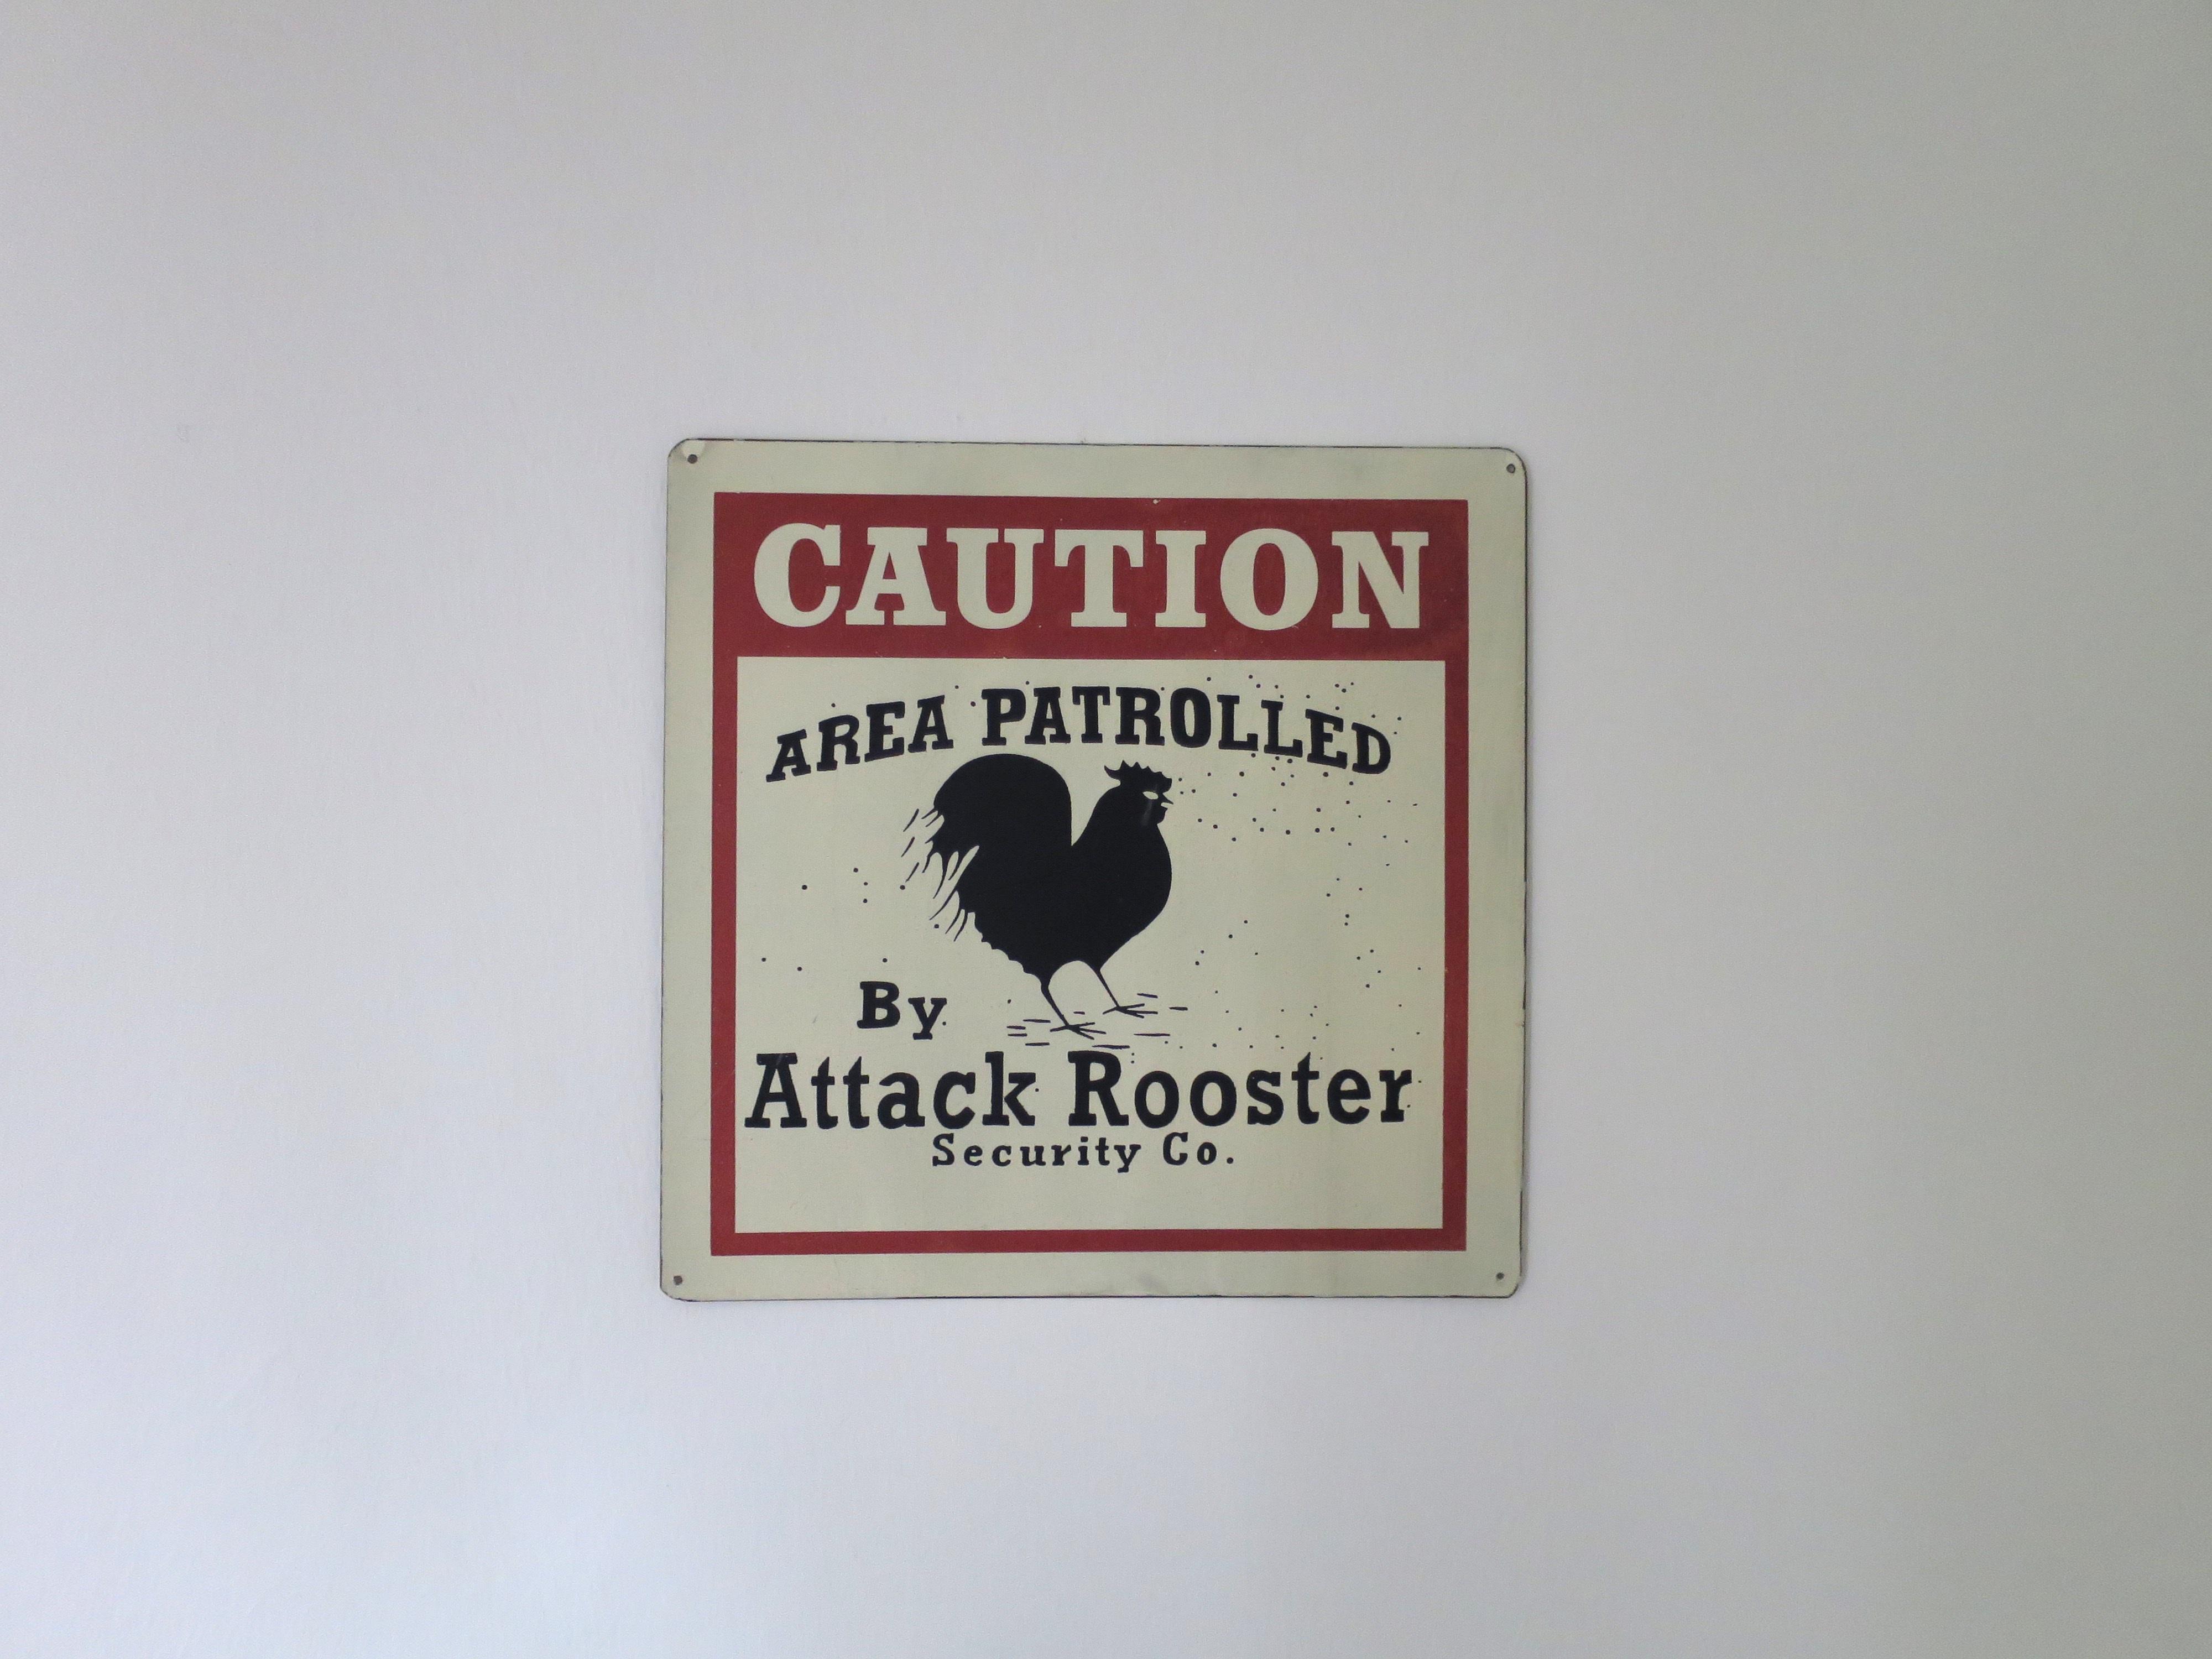 Gambar Label Merek Logo Peringatan Serangan Ayam Waspadalah Tanda